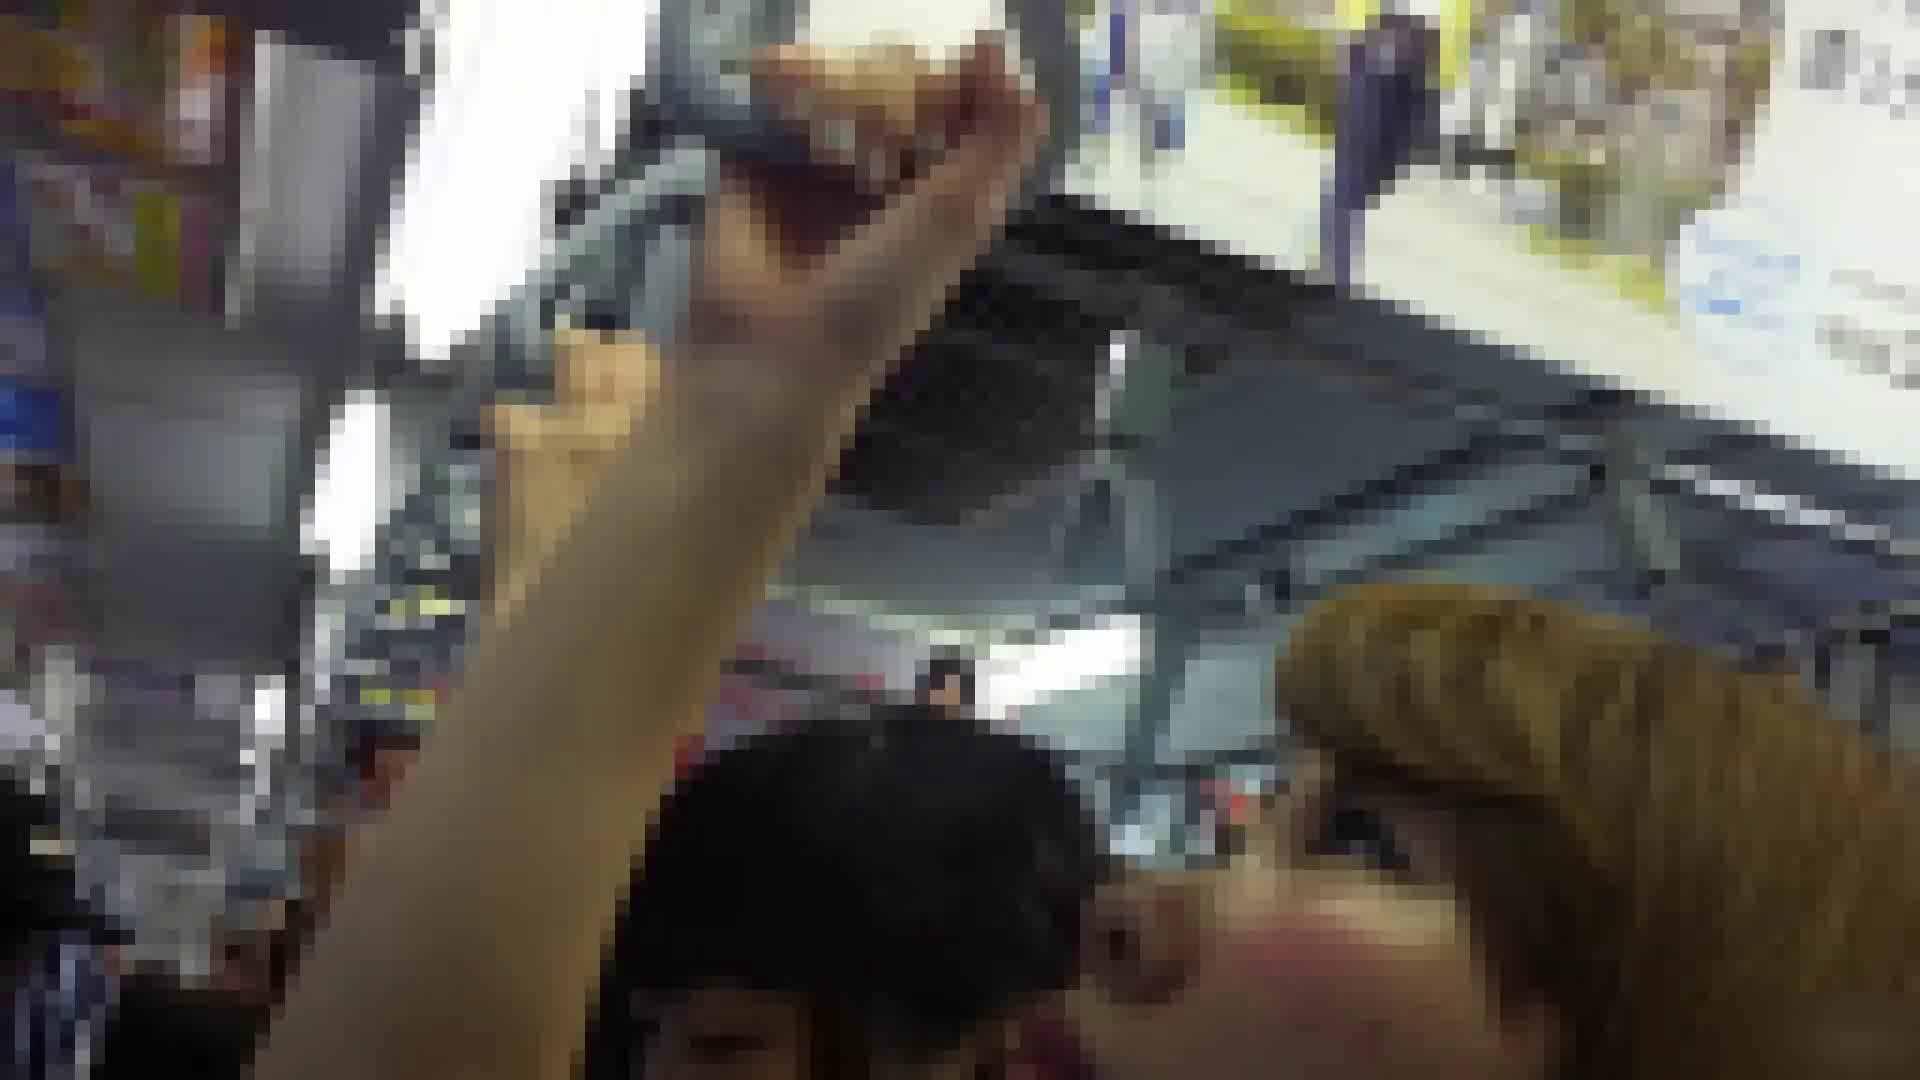 ガールズパンチラストリートビューVol.041 パンチラ エロ画像 94画像 67